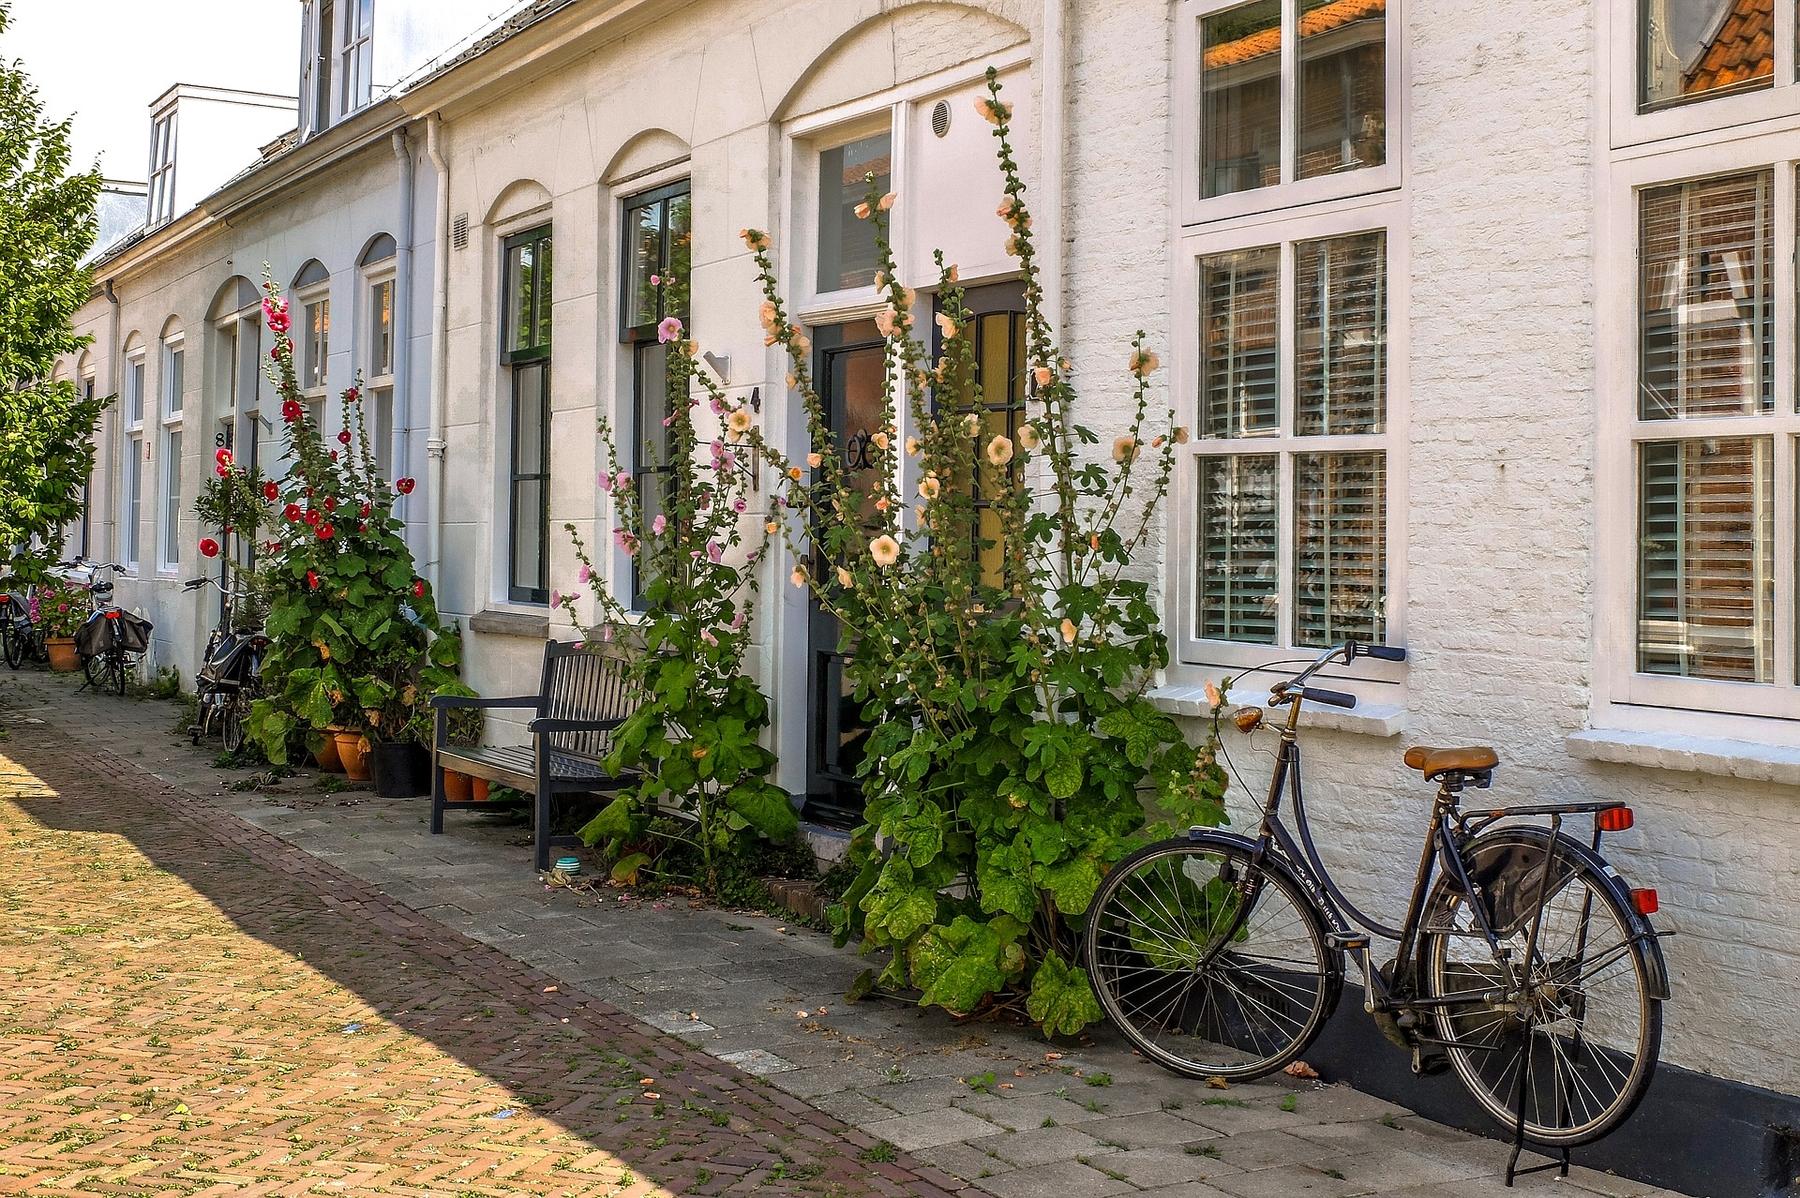 Centrum van Middelburg